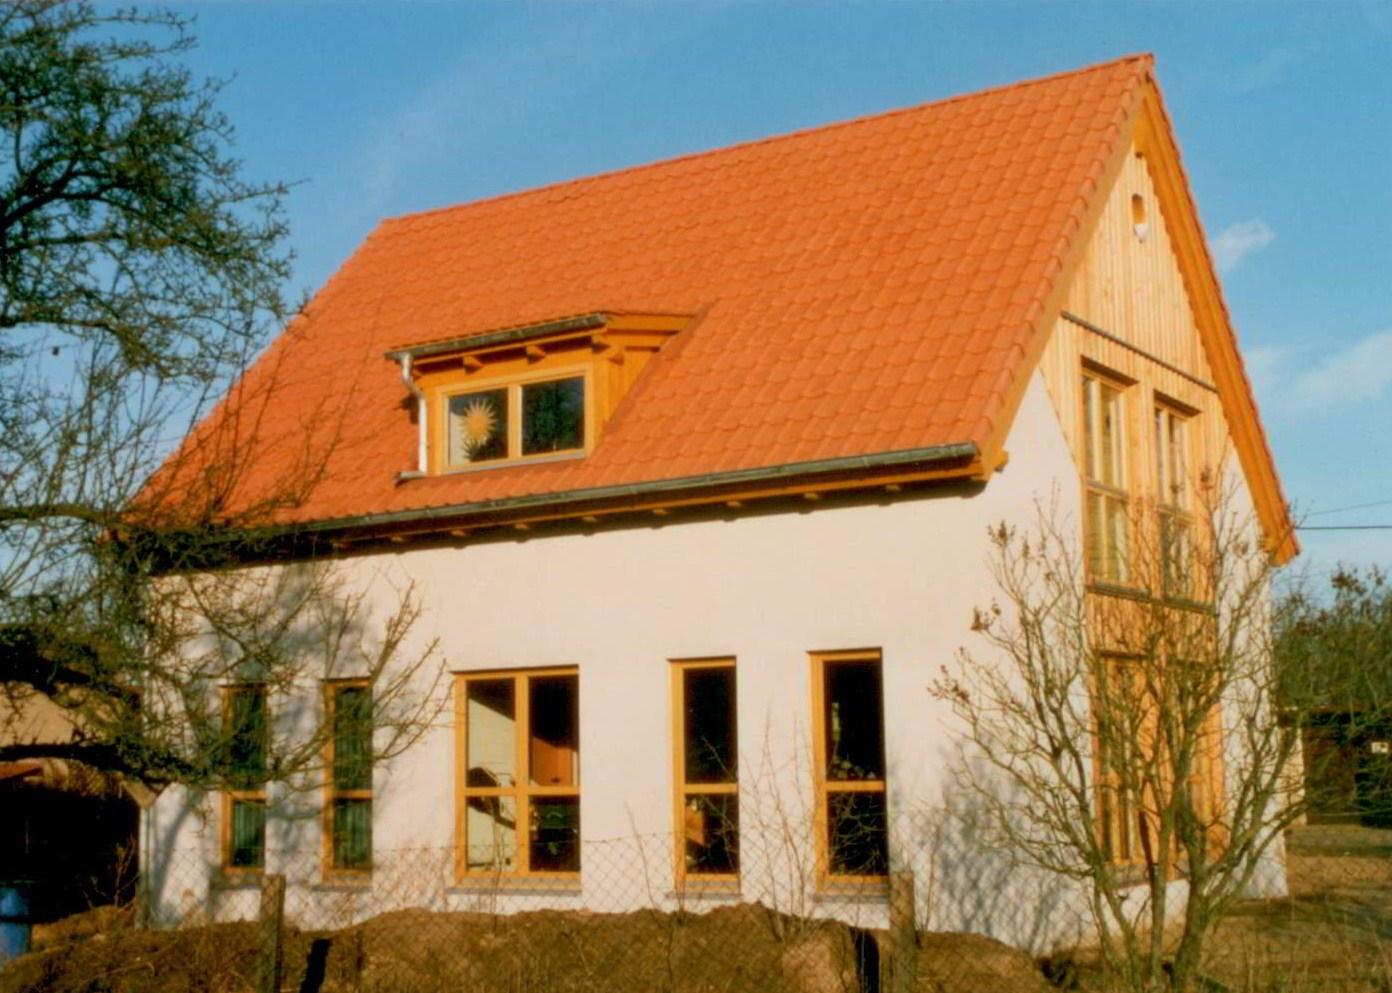 haus anbau modul haus erweitern anbau haus modul ein modulhaus auf stelzen anbau haus. Black Bedroom Furniture Sets. Home Design Ideas